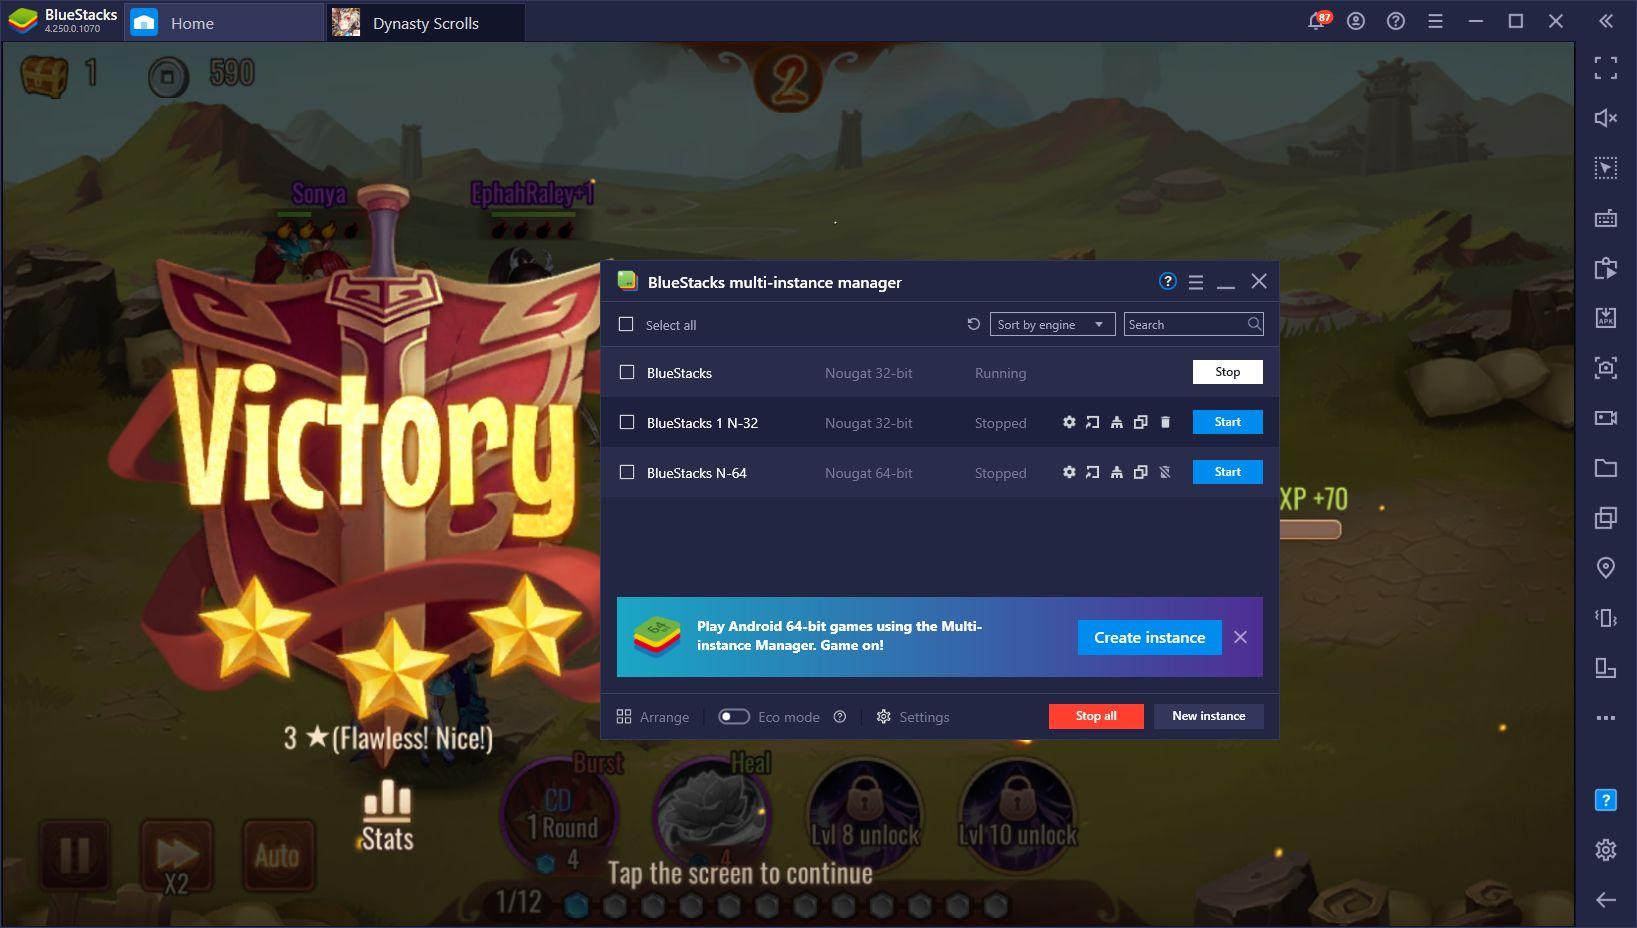 دليل Dynasty Scrolls للمبتدئين – أفضل النصائح والحيل للاعبين الجدد